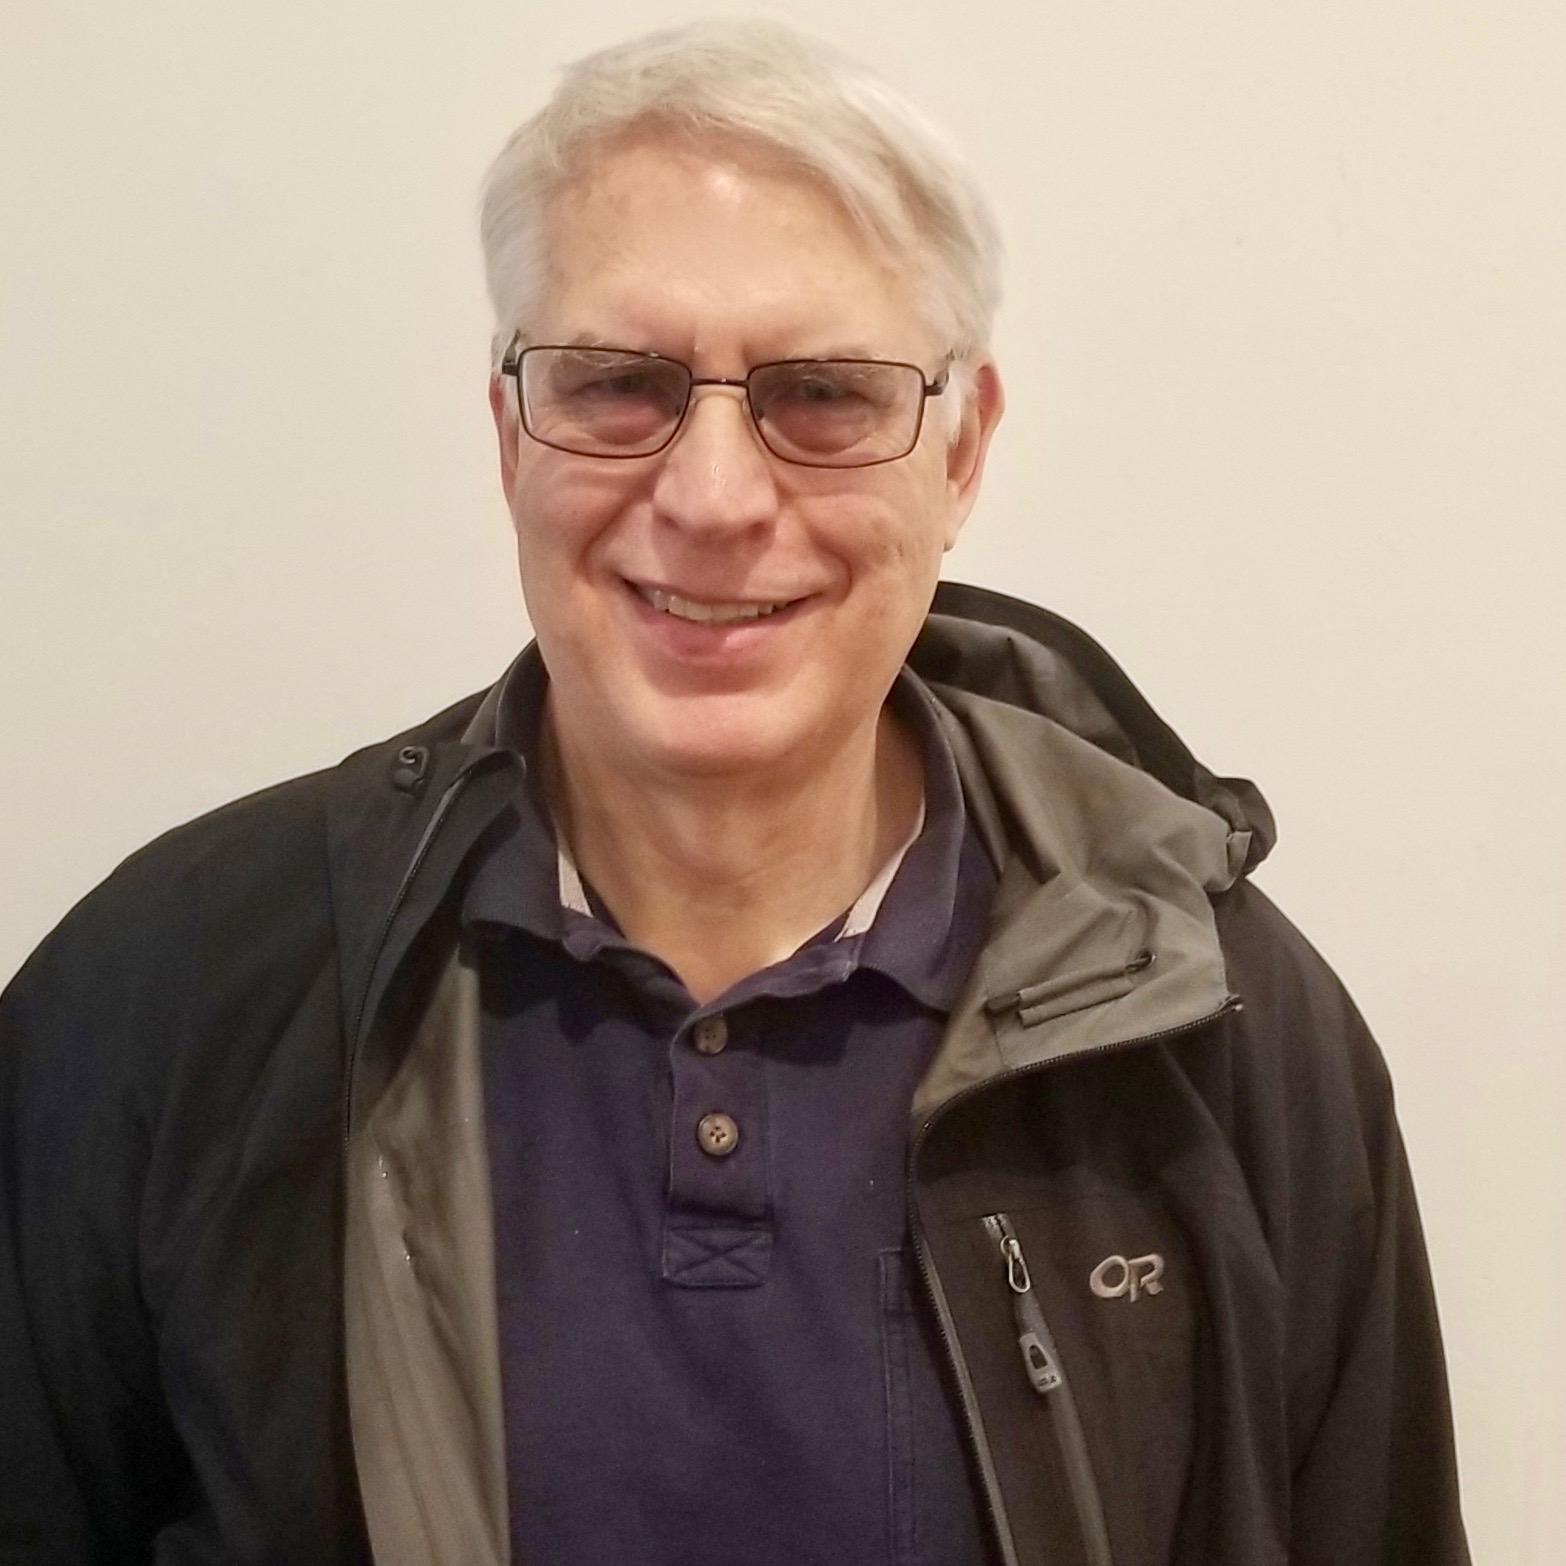 Jan Silverman